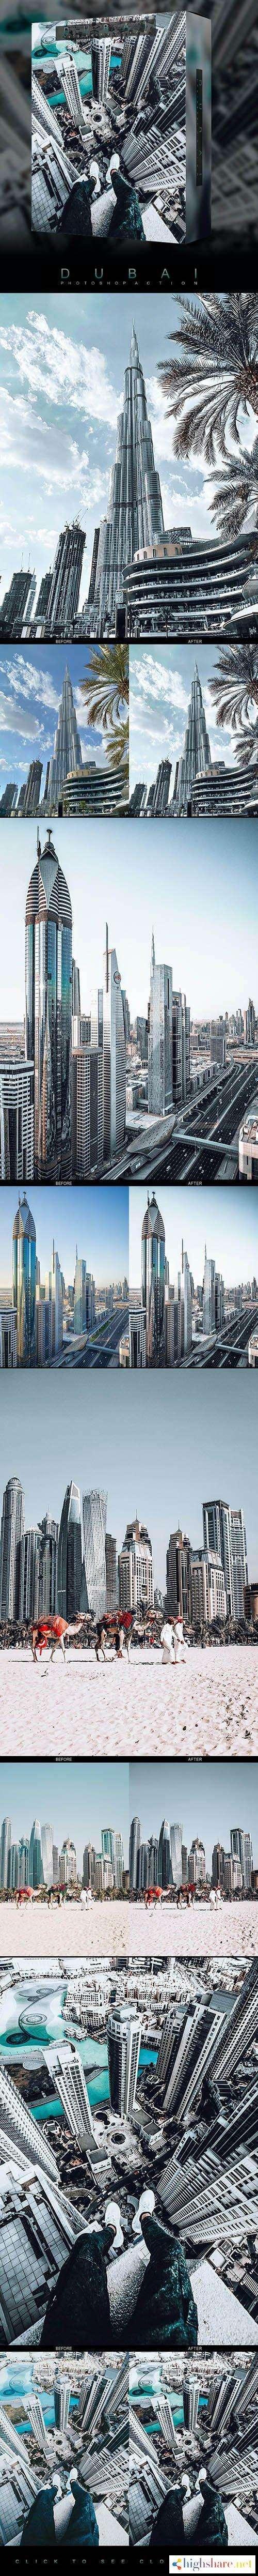 graphicriver famous citys dubai photoshop action 26697077 5f44ee4345f49 - GraphicRiver - Famous City's / DUBAI - Photoshop Action 26697077